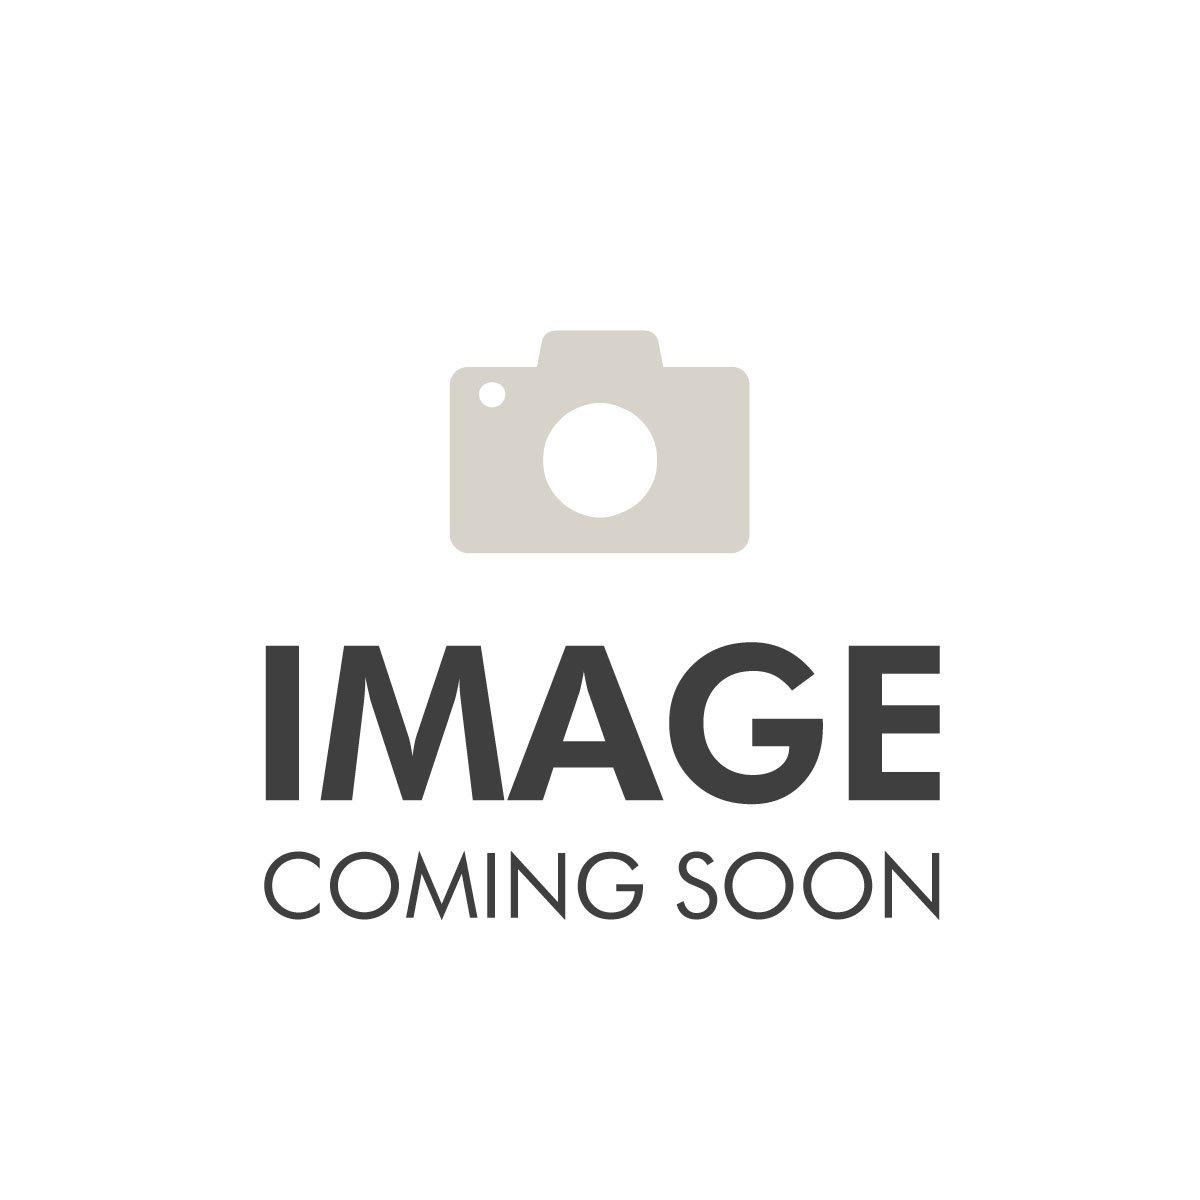 Guerlain Imperiale 100ml Eau de Cologne Spray